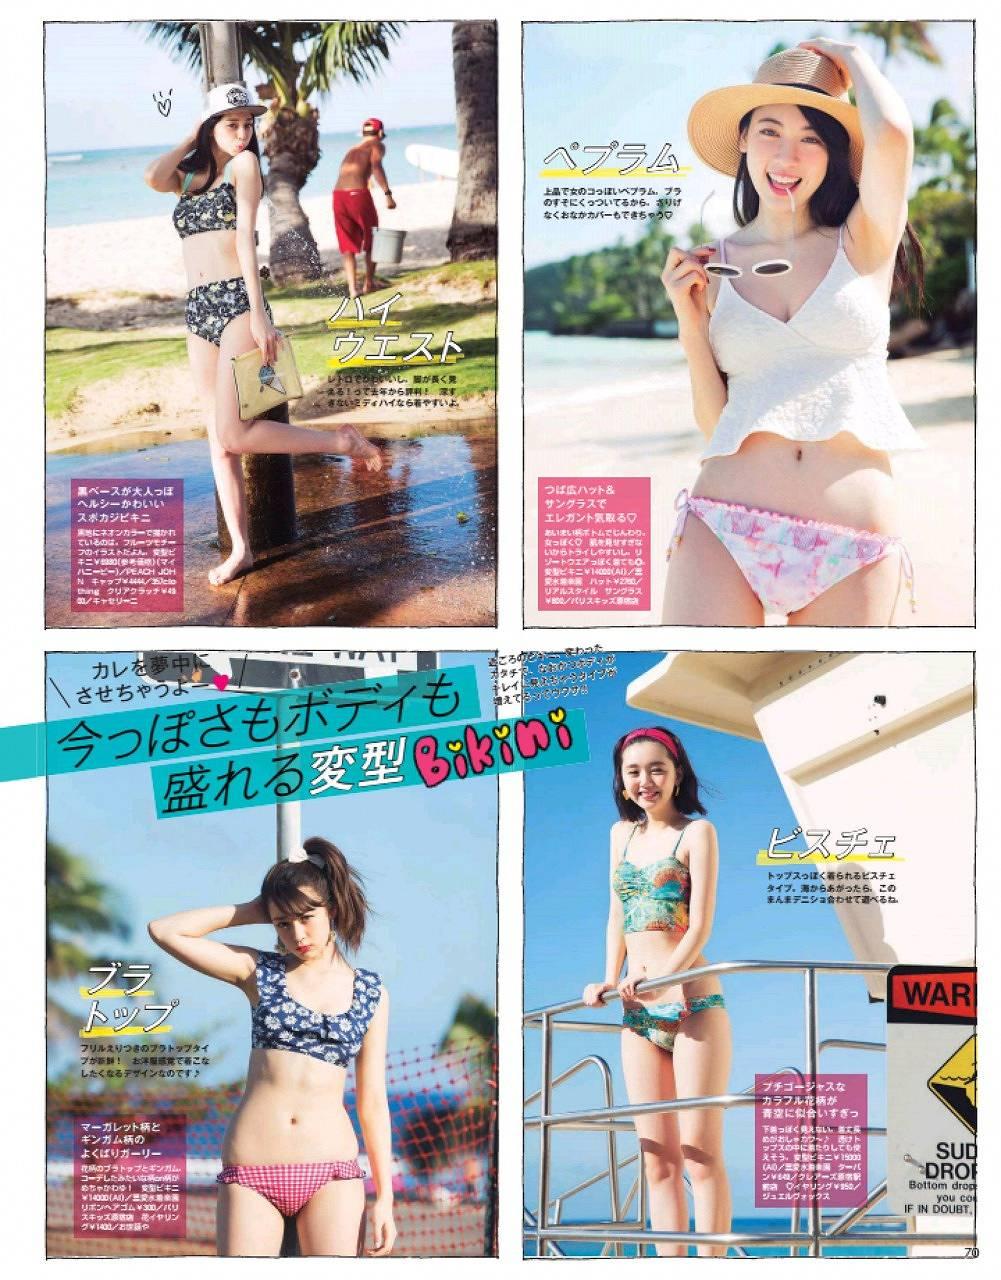 セブンティーンの水着特集号でビキニの水着を着たモデルの三吉彩花